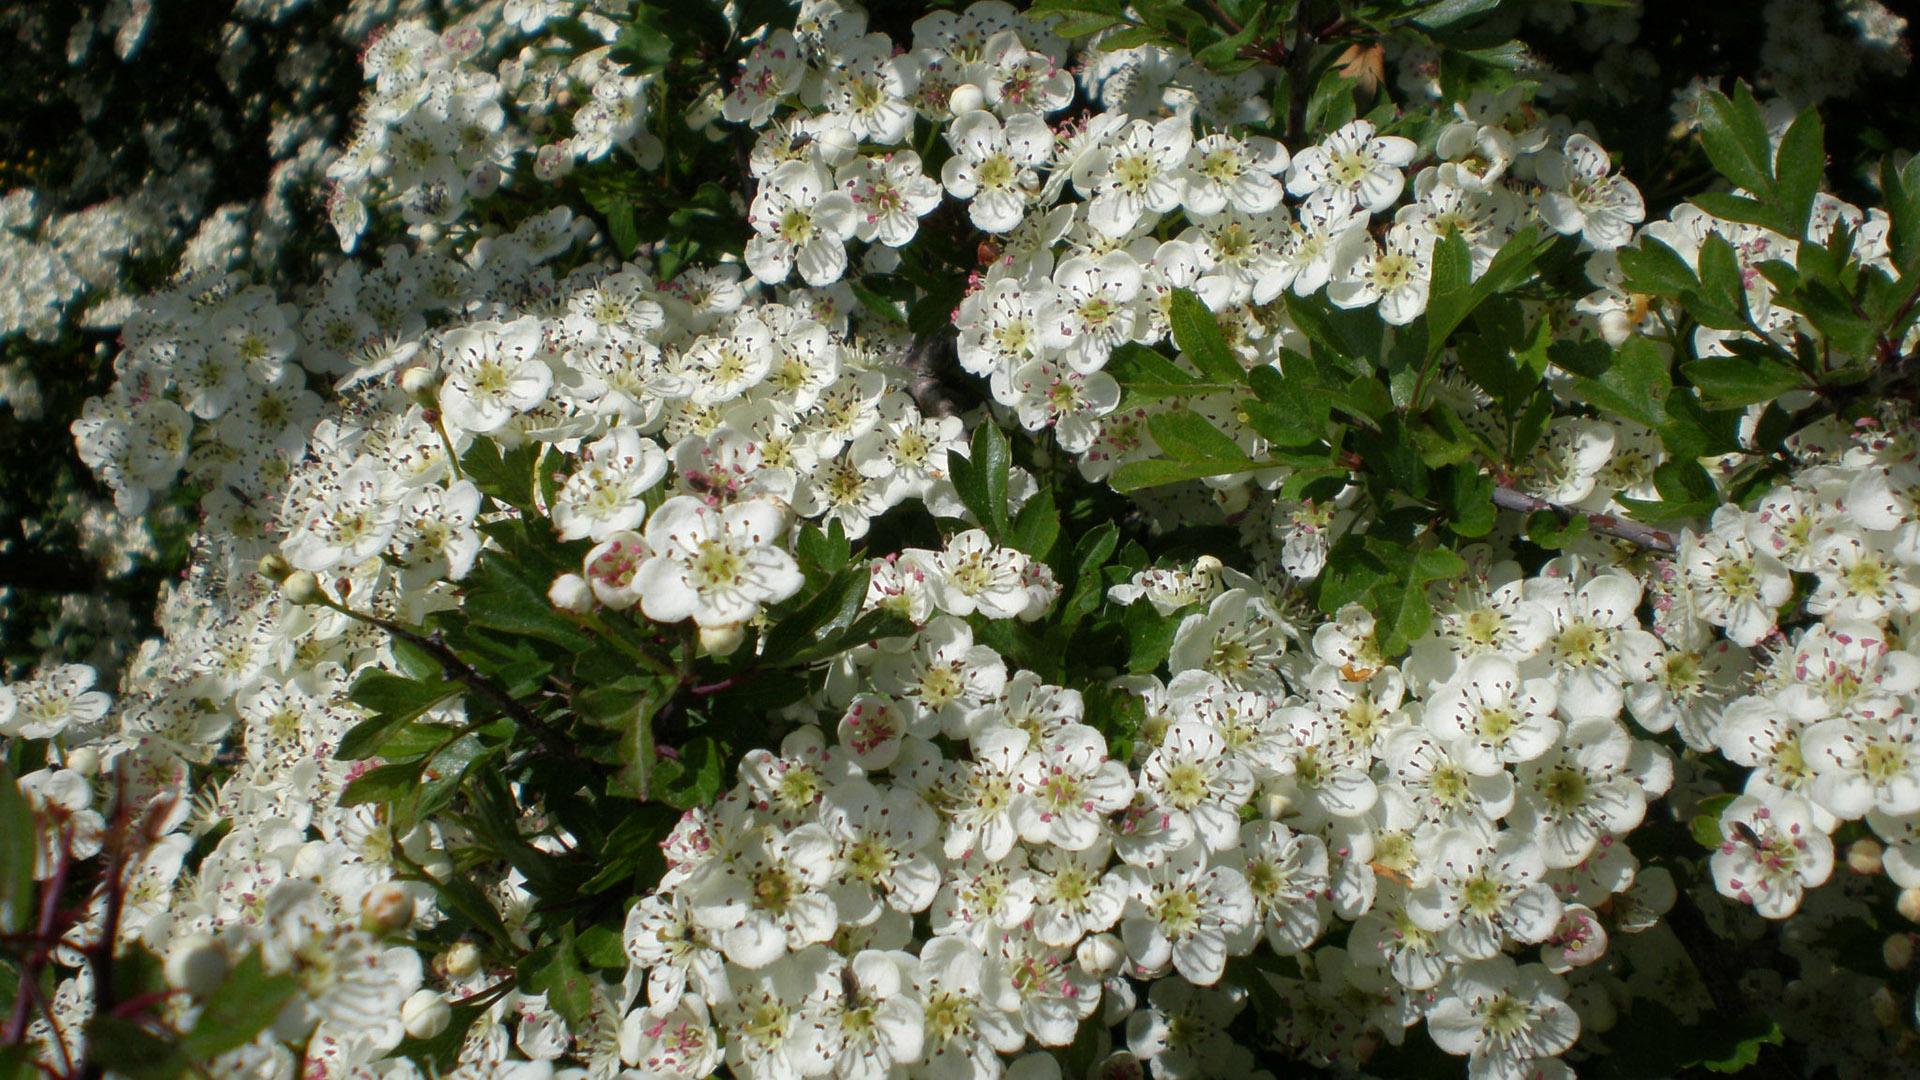 Fiori e foglie e bacche del biancospino